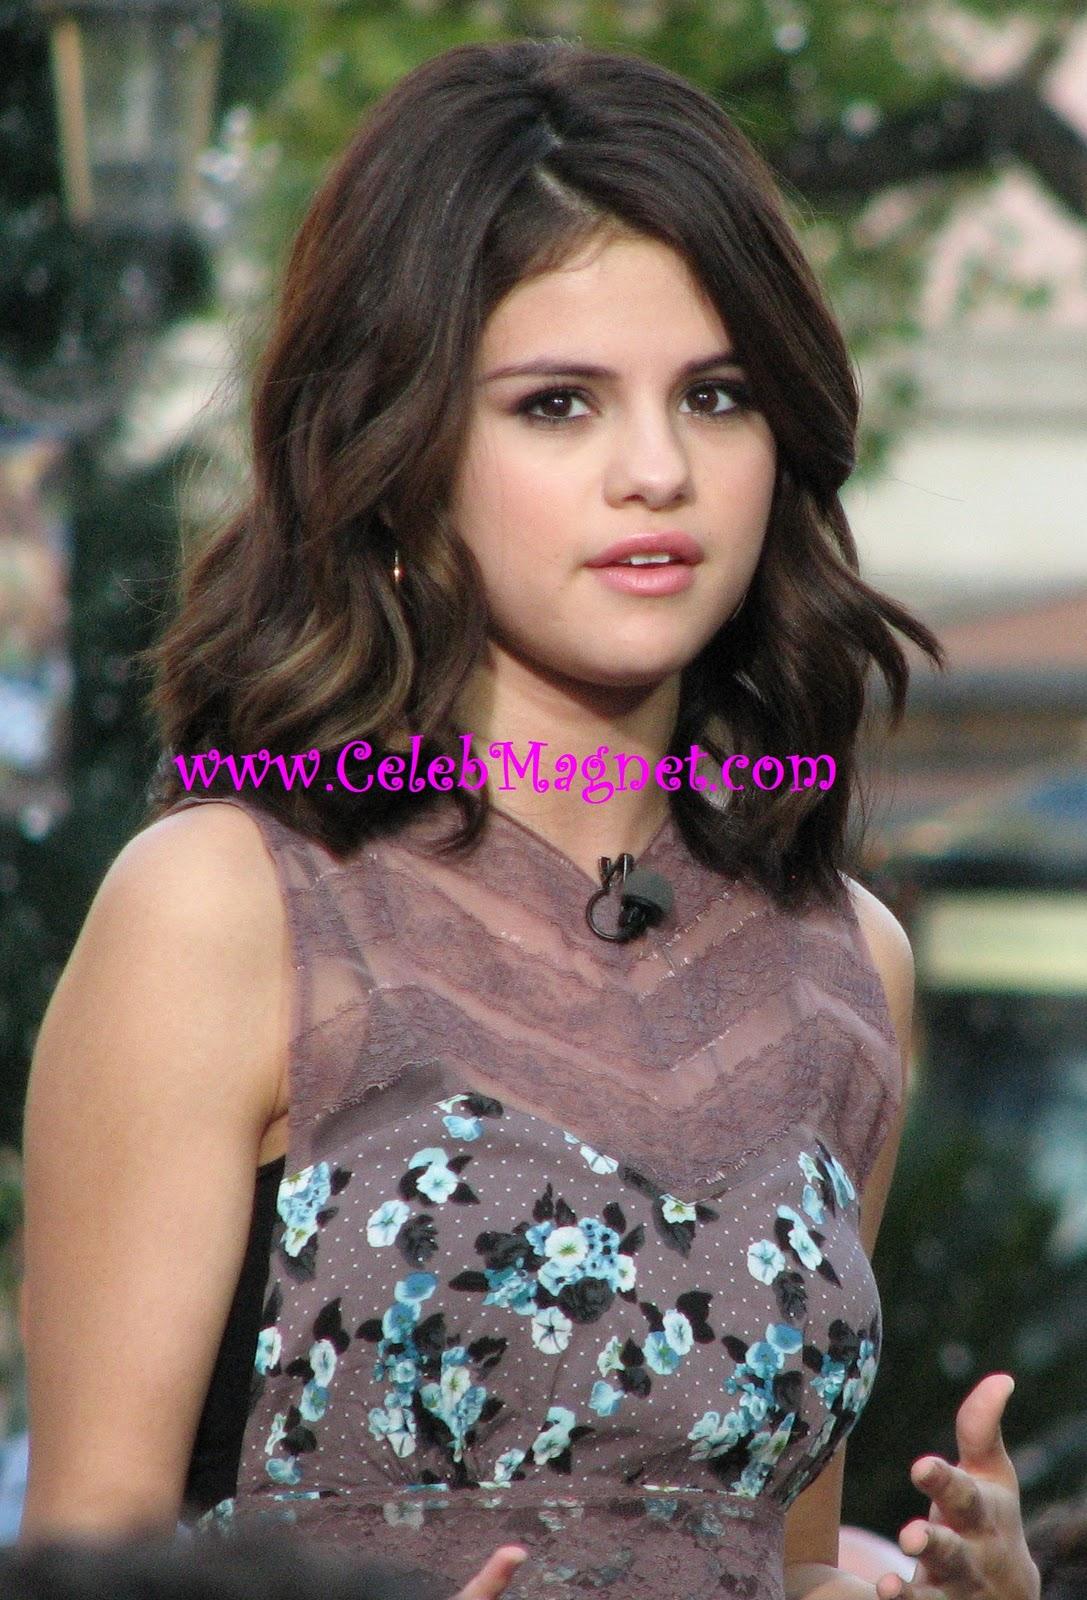 http://2.bp.blogspot.com/_LQQ5FS2UDbY/TNppebhgKxI/AAAAAAAACzI/xzDBLn6EKtc/s1600/Selena+Gomez+Grove+Extra+11.jpg